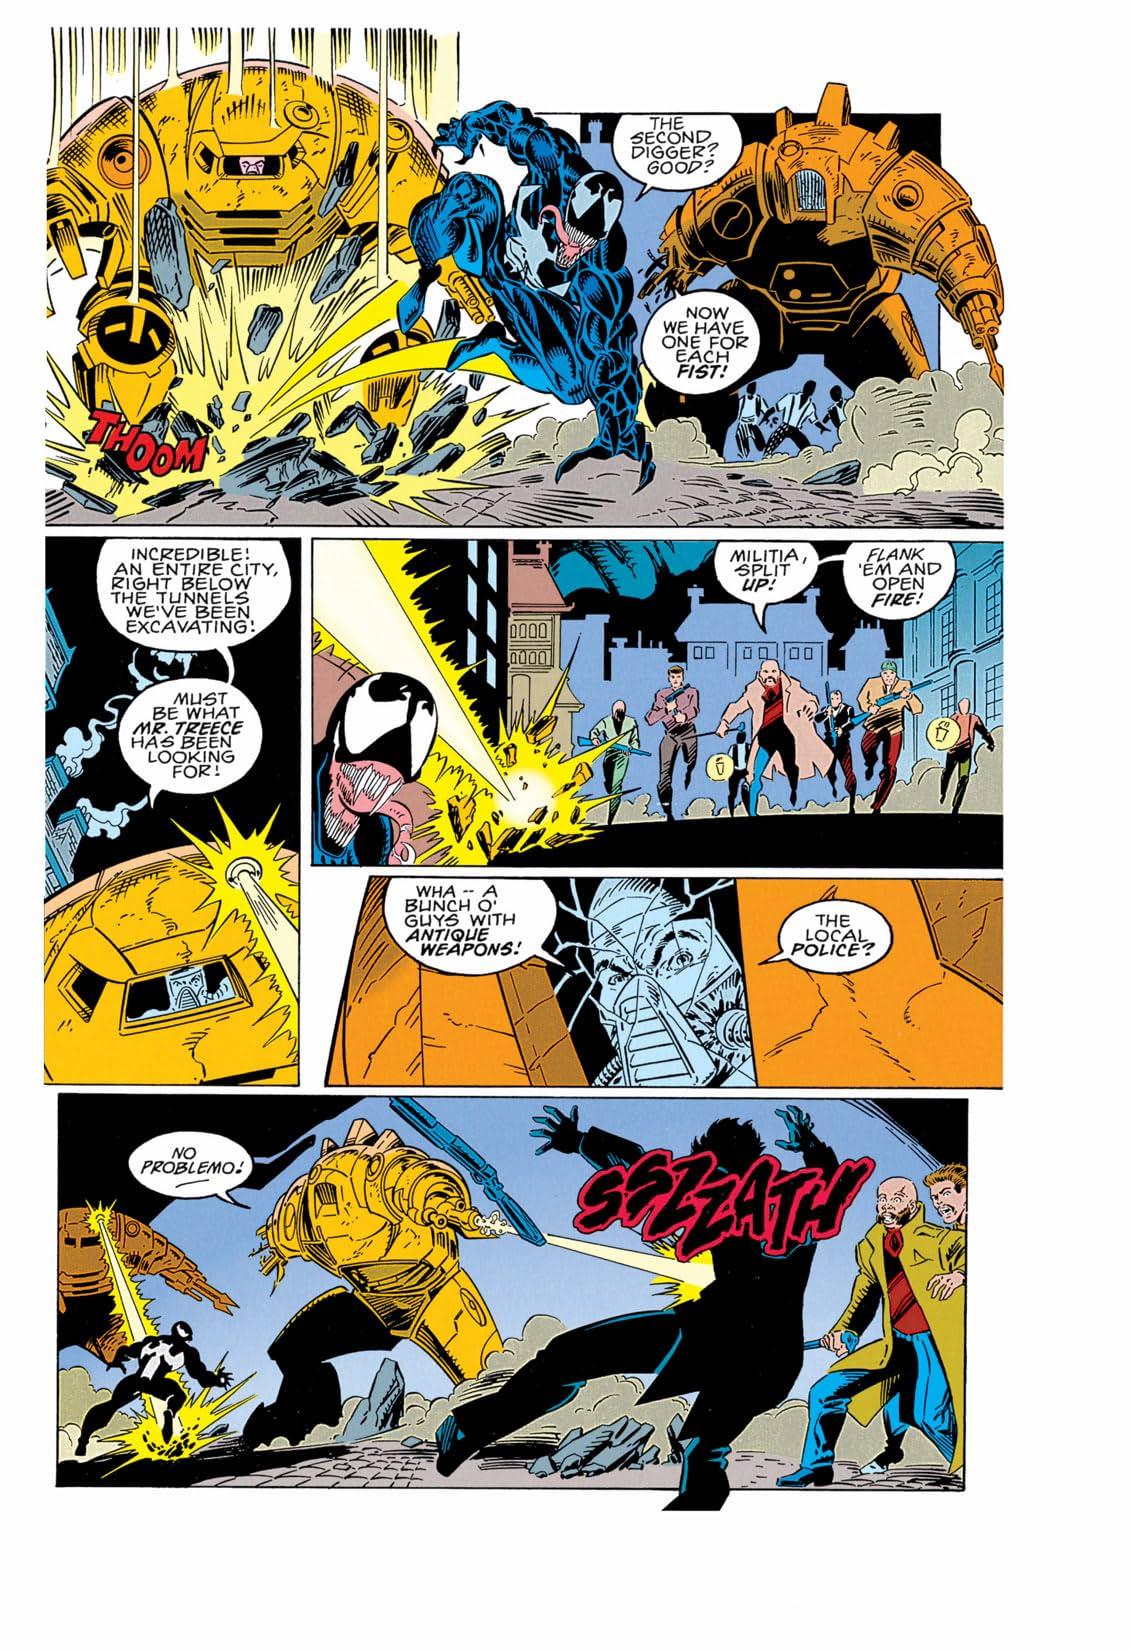 Venom #2: Lethal Protector